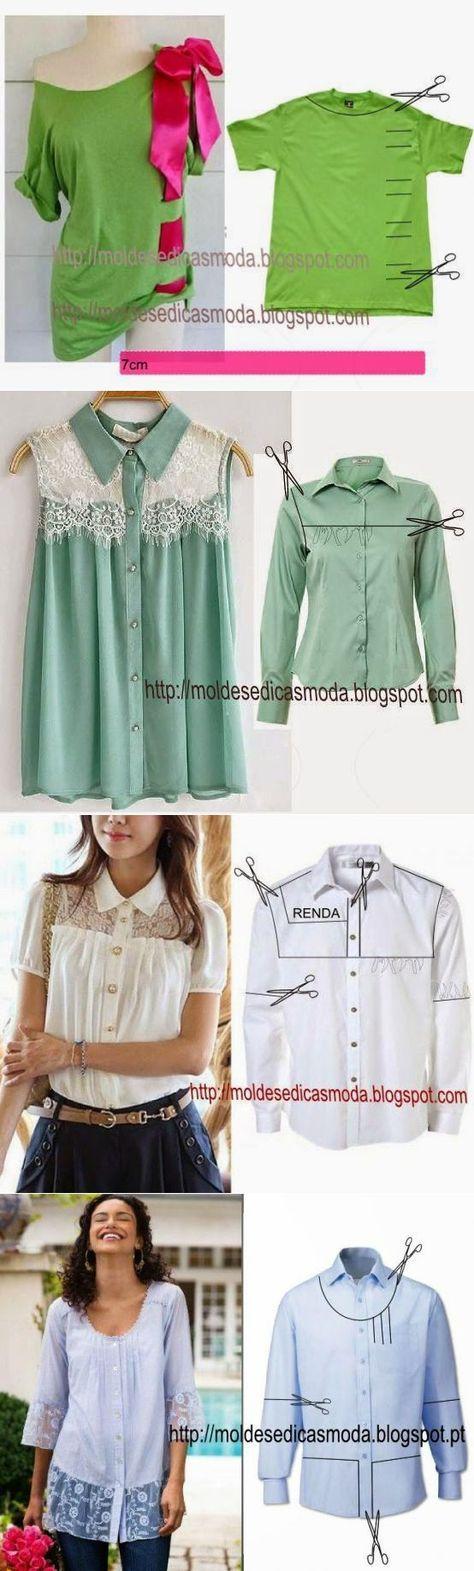 Återbruka gamla kläder